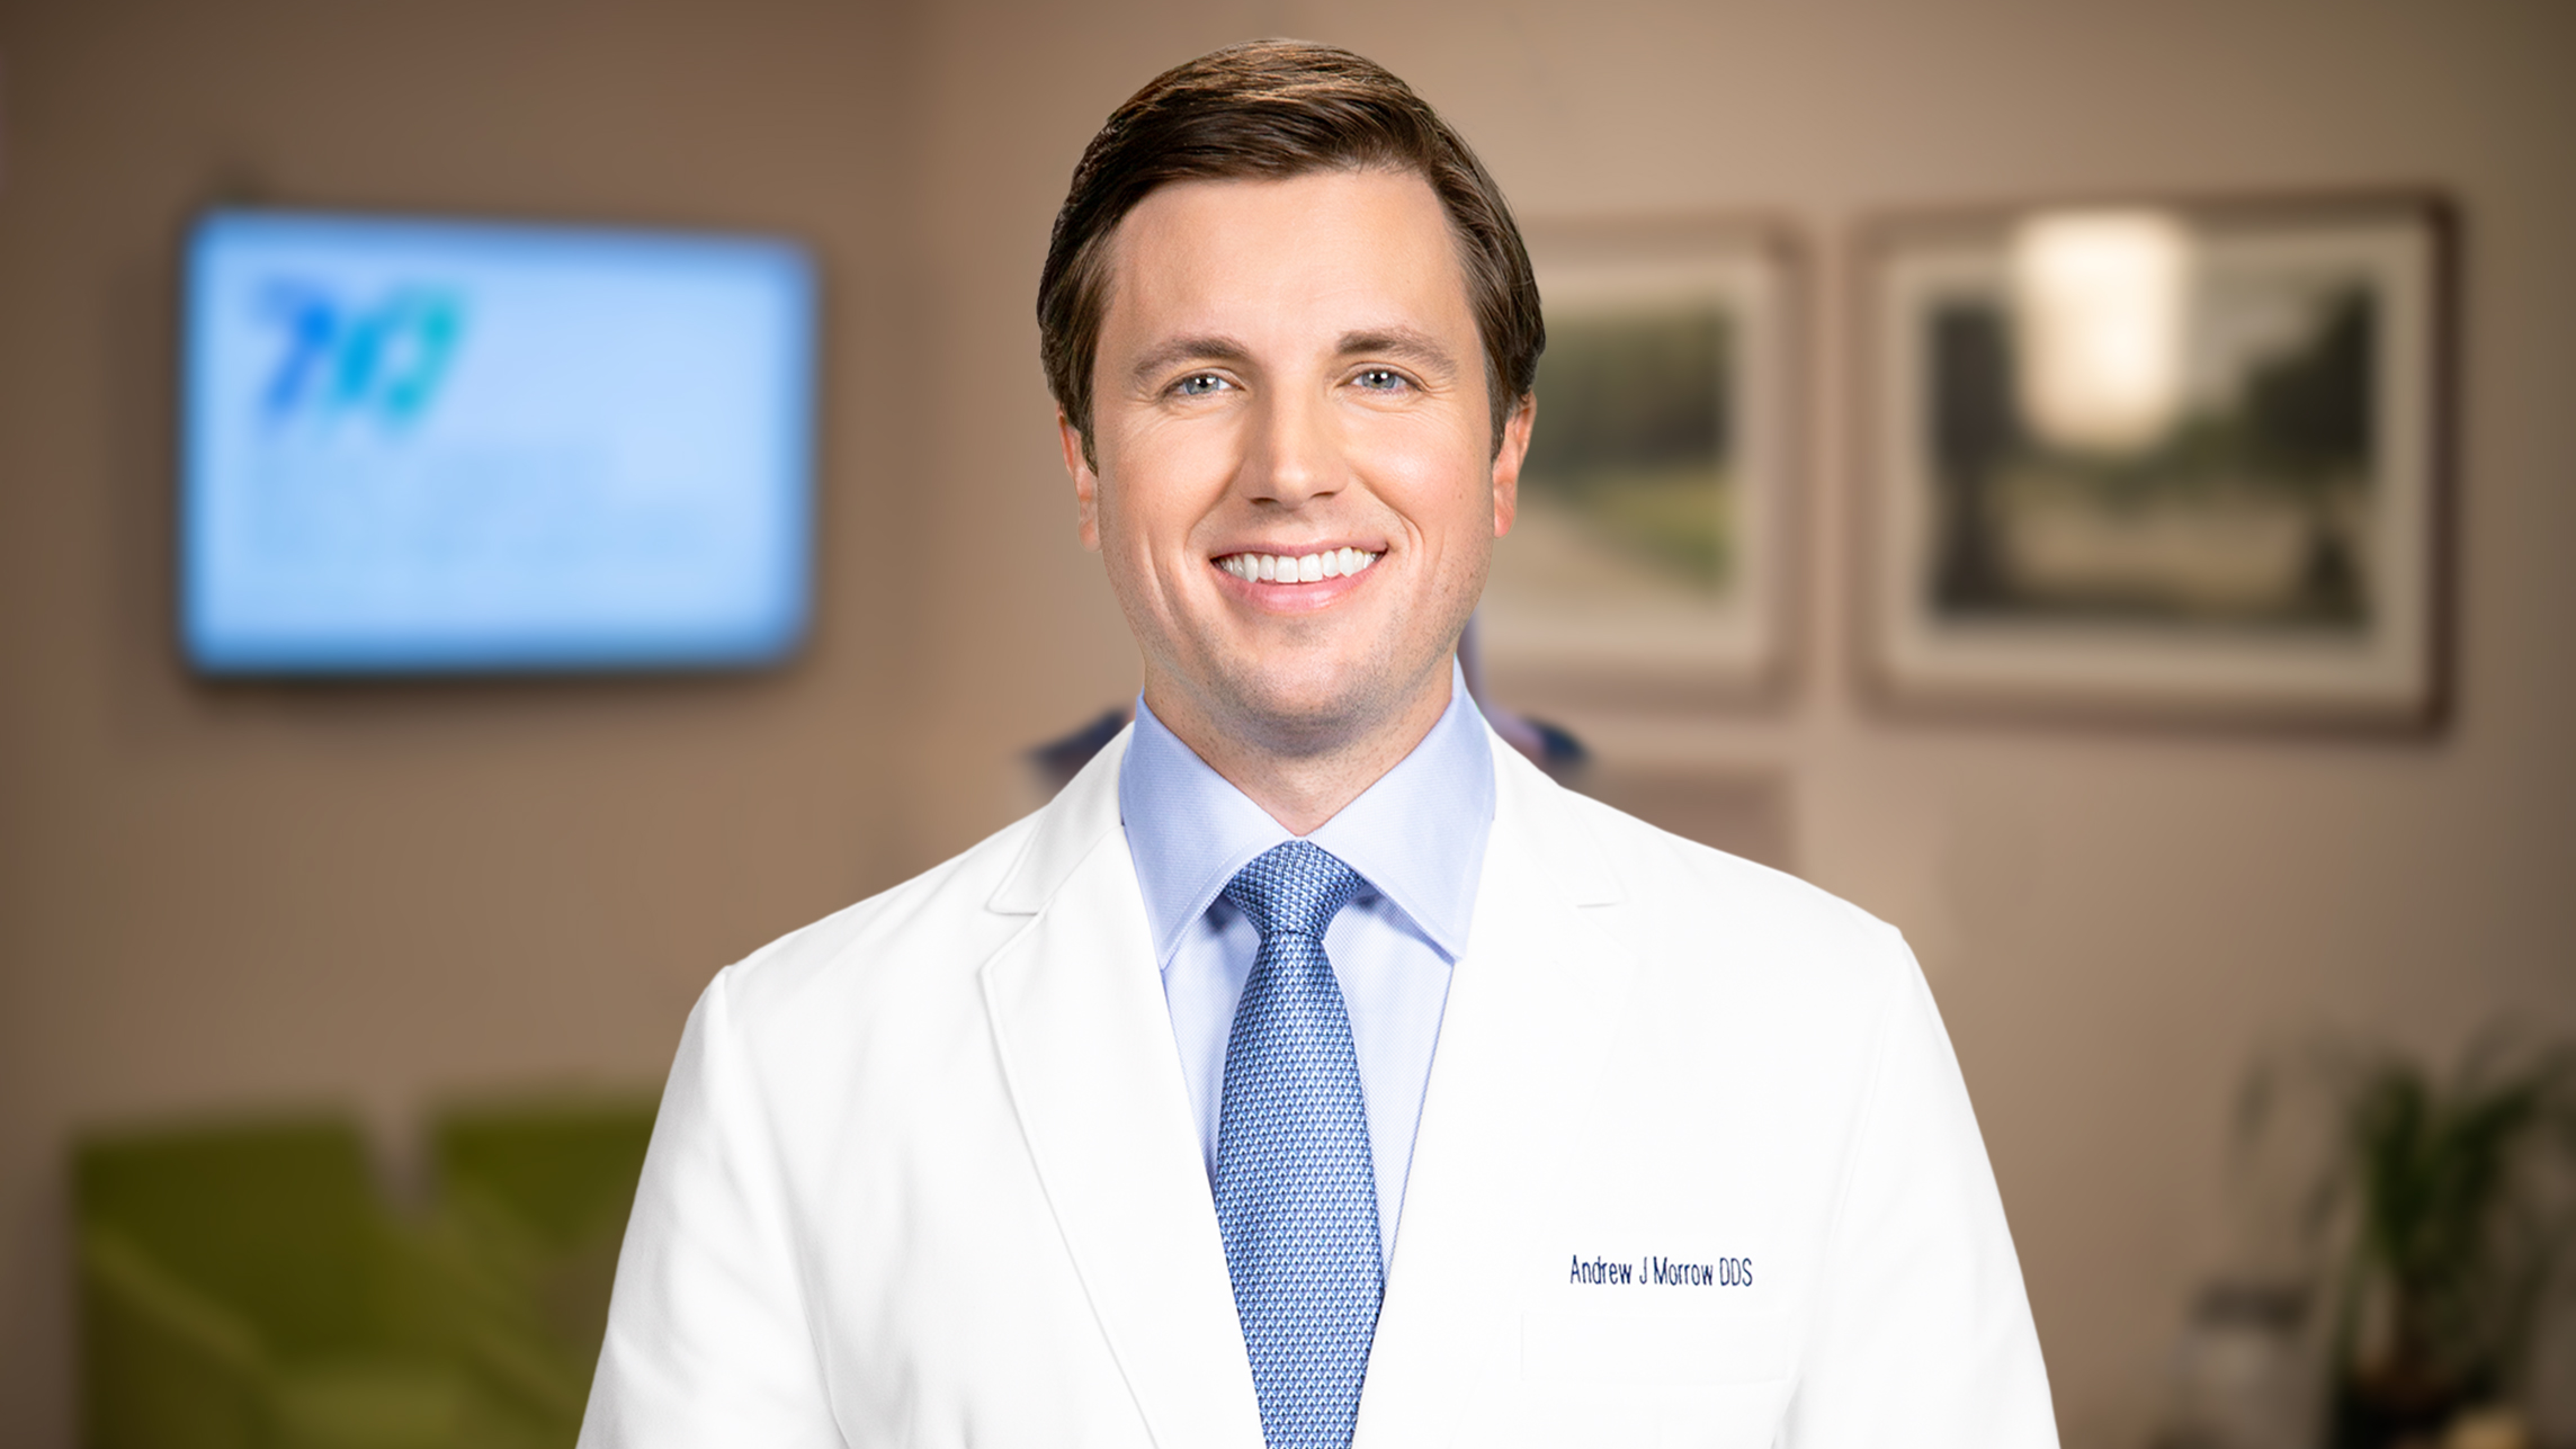 Meet Dr. Robert